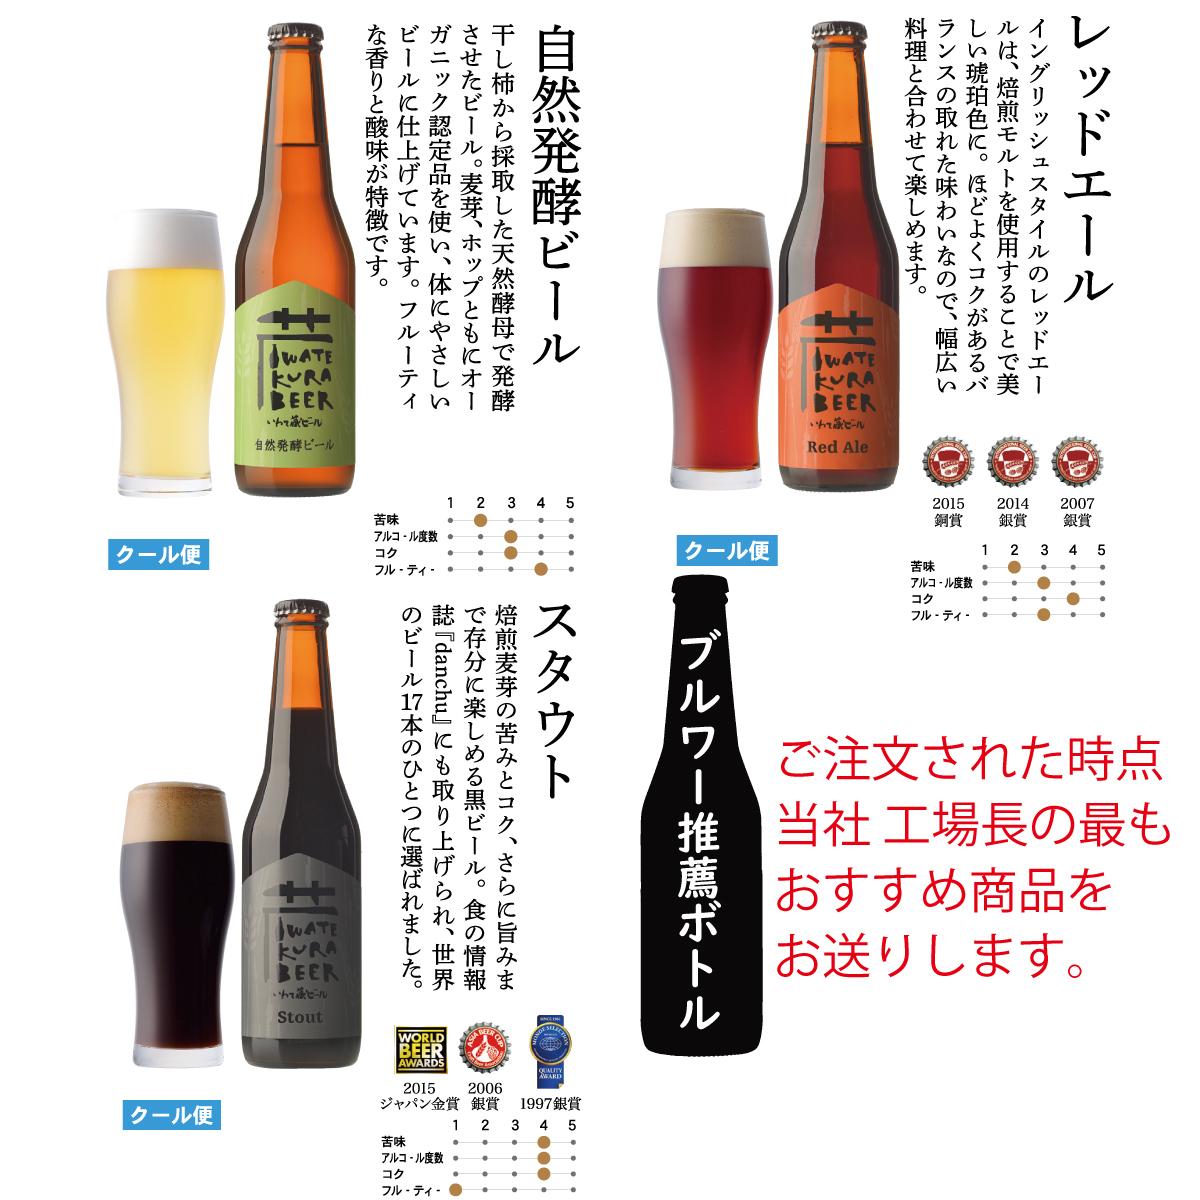 ブルワーおすすめクラフトビール